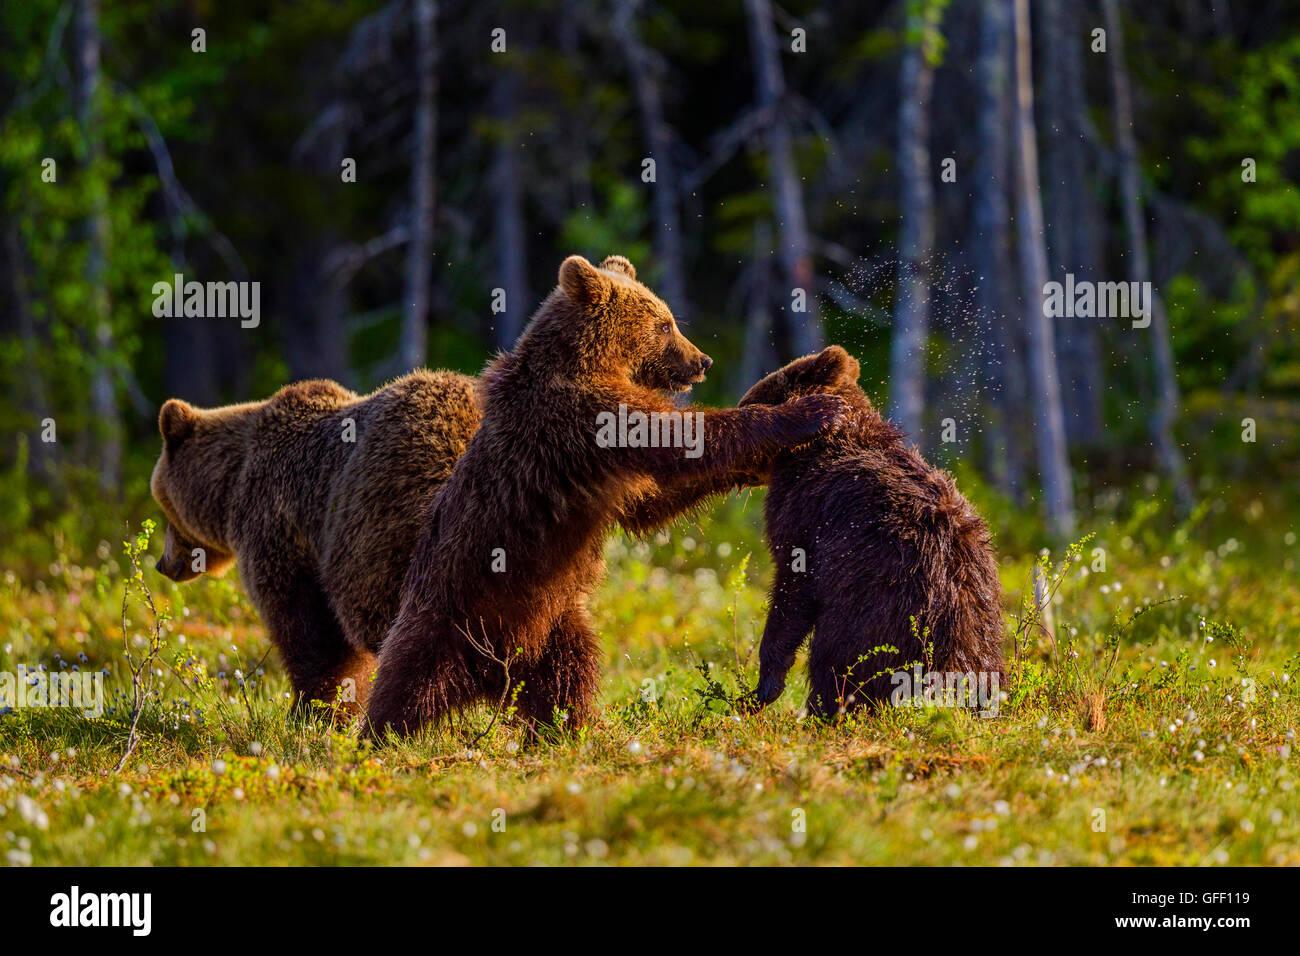 Brown bear cubs de jouer les uns avec les autres, en Finlande. Photo Stock